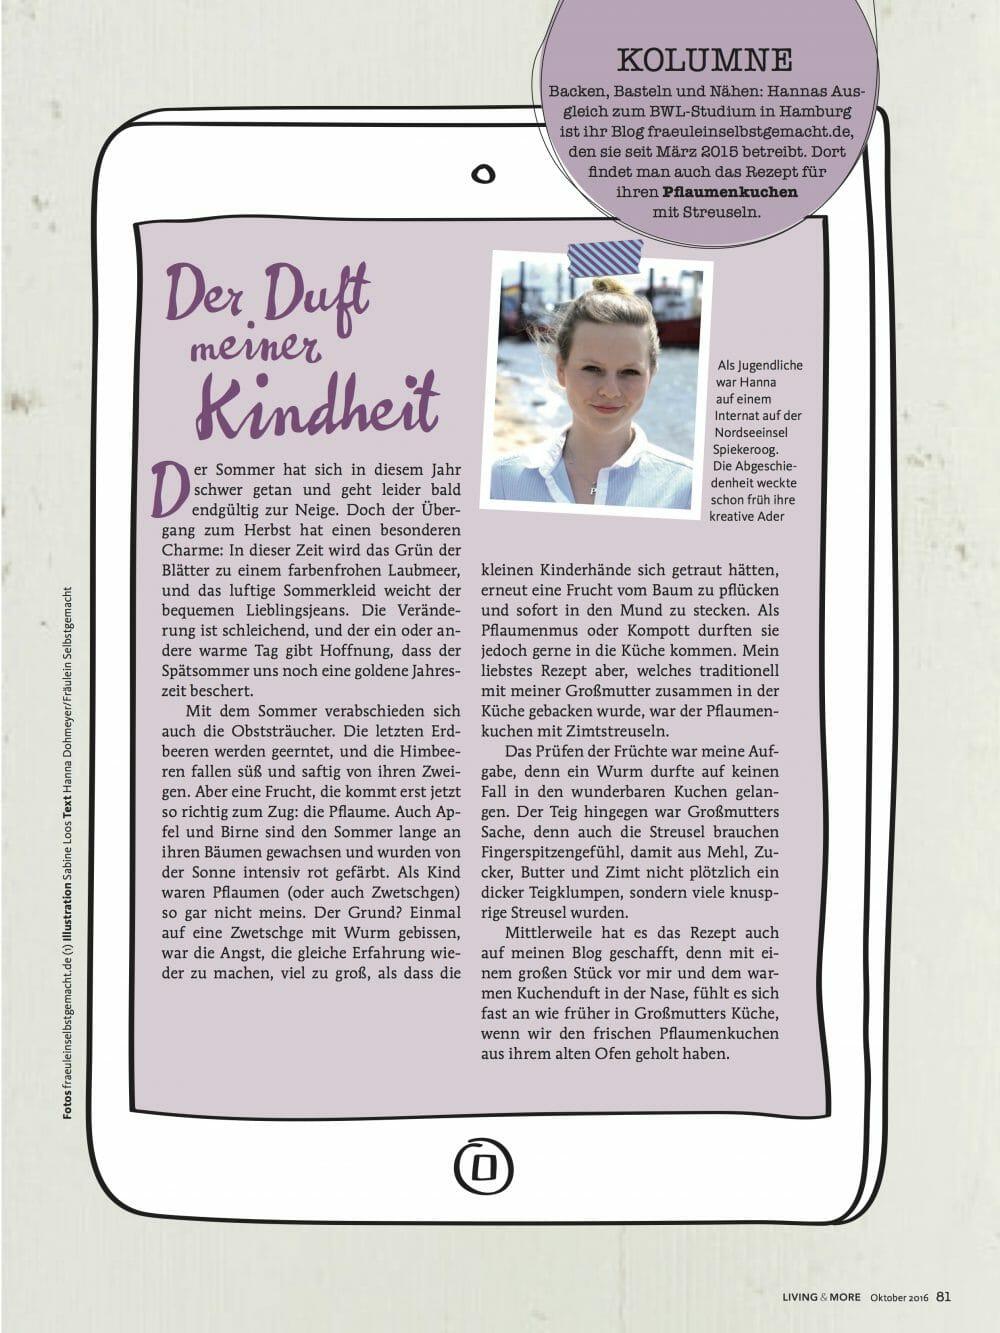 Fräulein Selbstgemacht in der Living & More